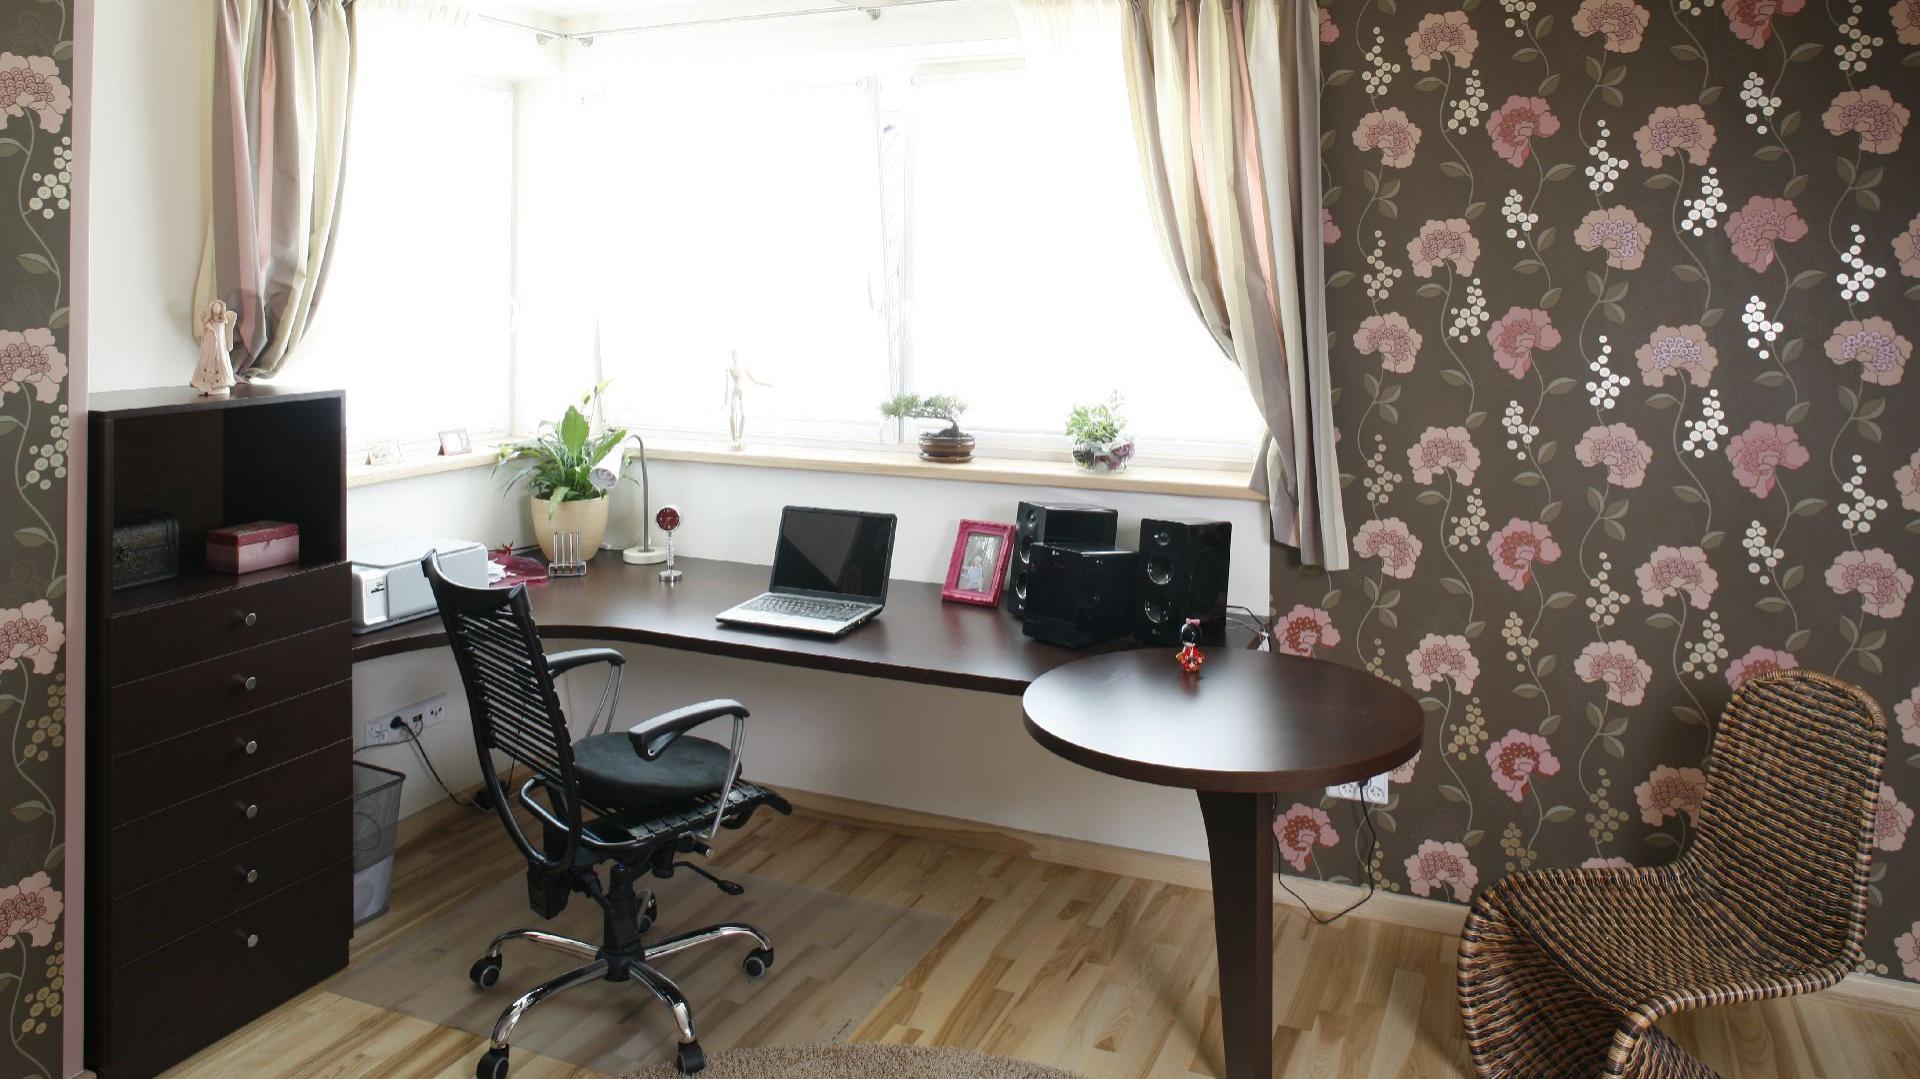 Obszerne biurko ustawiono w najjaśniejszym miejscu pokoju. Bezpośrednie sąsiedztwo z oknem narożnym sprawia, że w ciągu dnia przestrzeń pracy jest optymalnie oświetlona światłem dziennym.Projekt Marta Kruk. Fot. Przemysław Andruk.